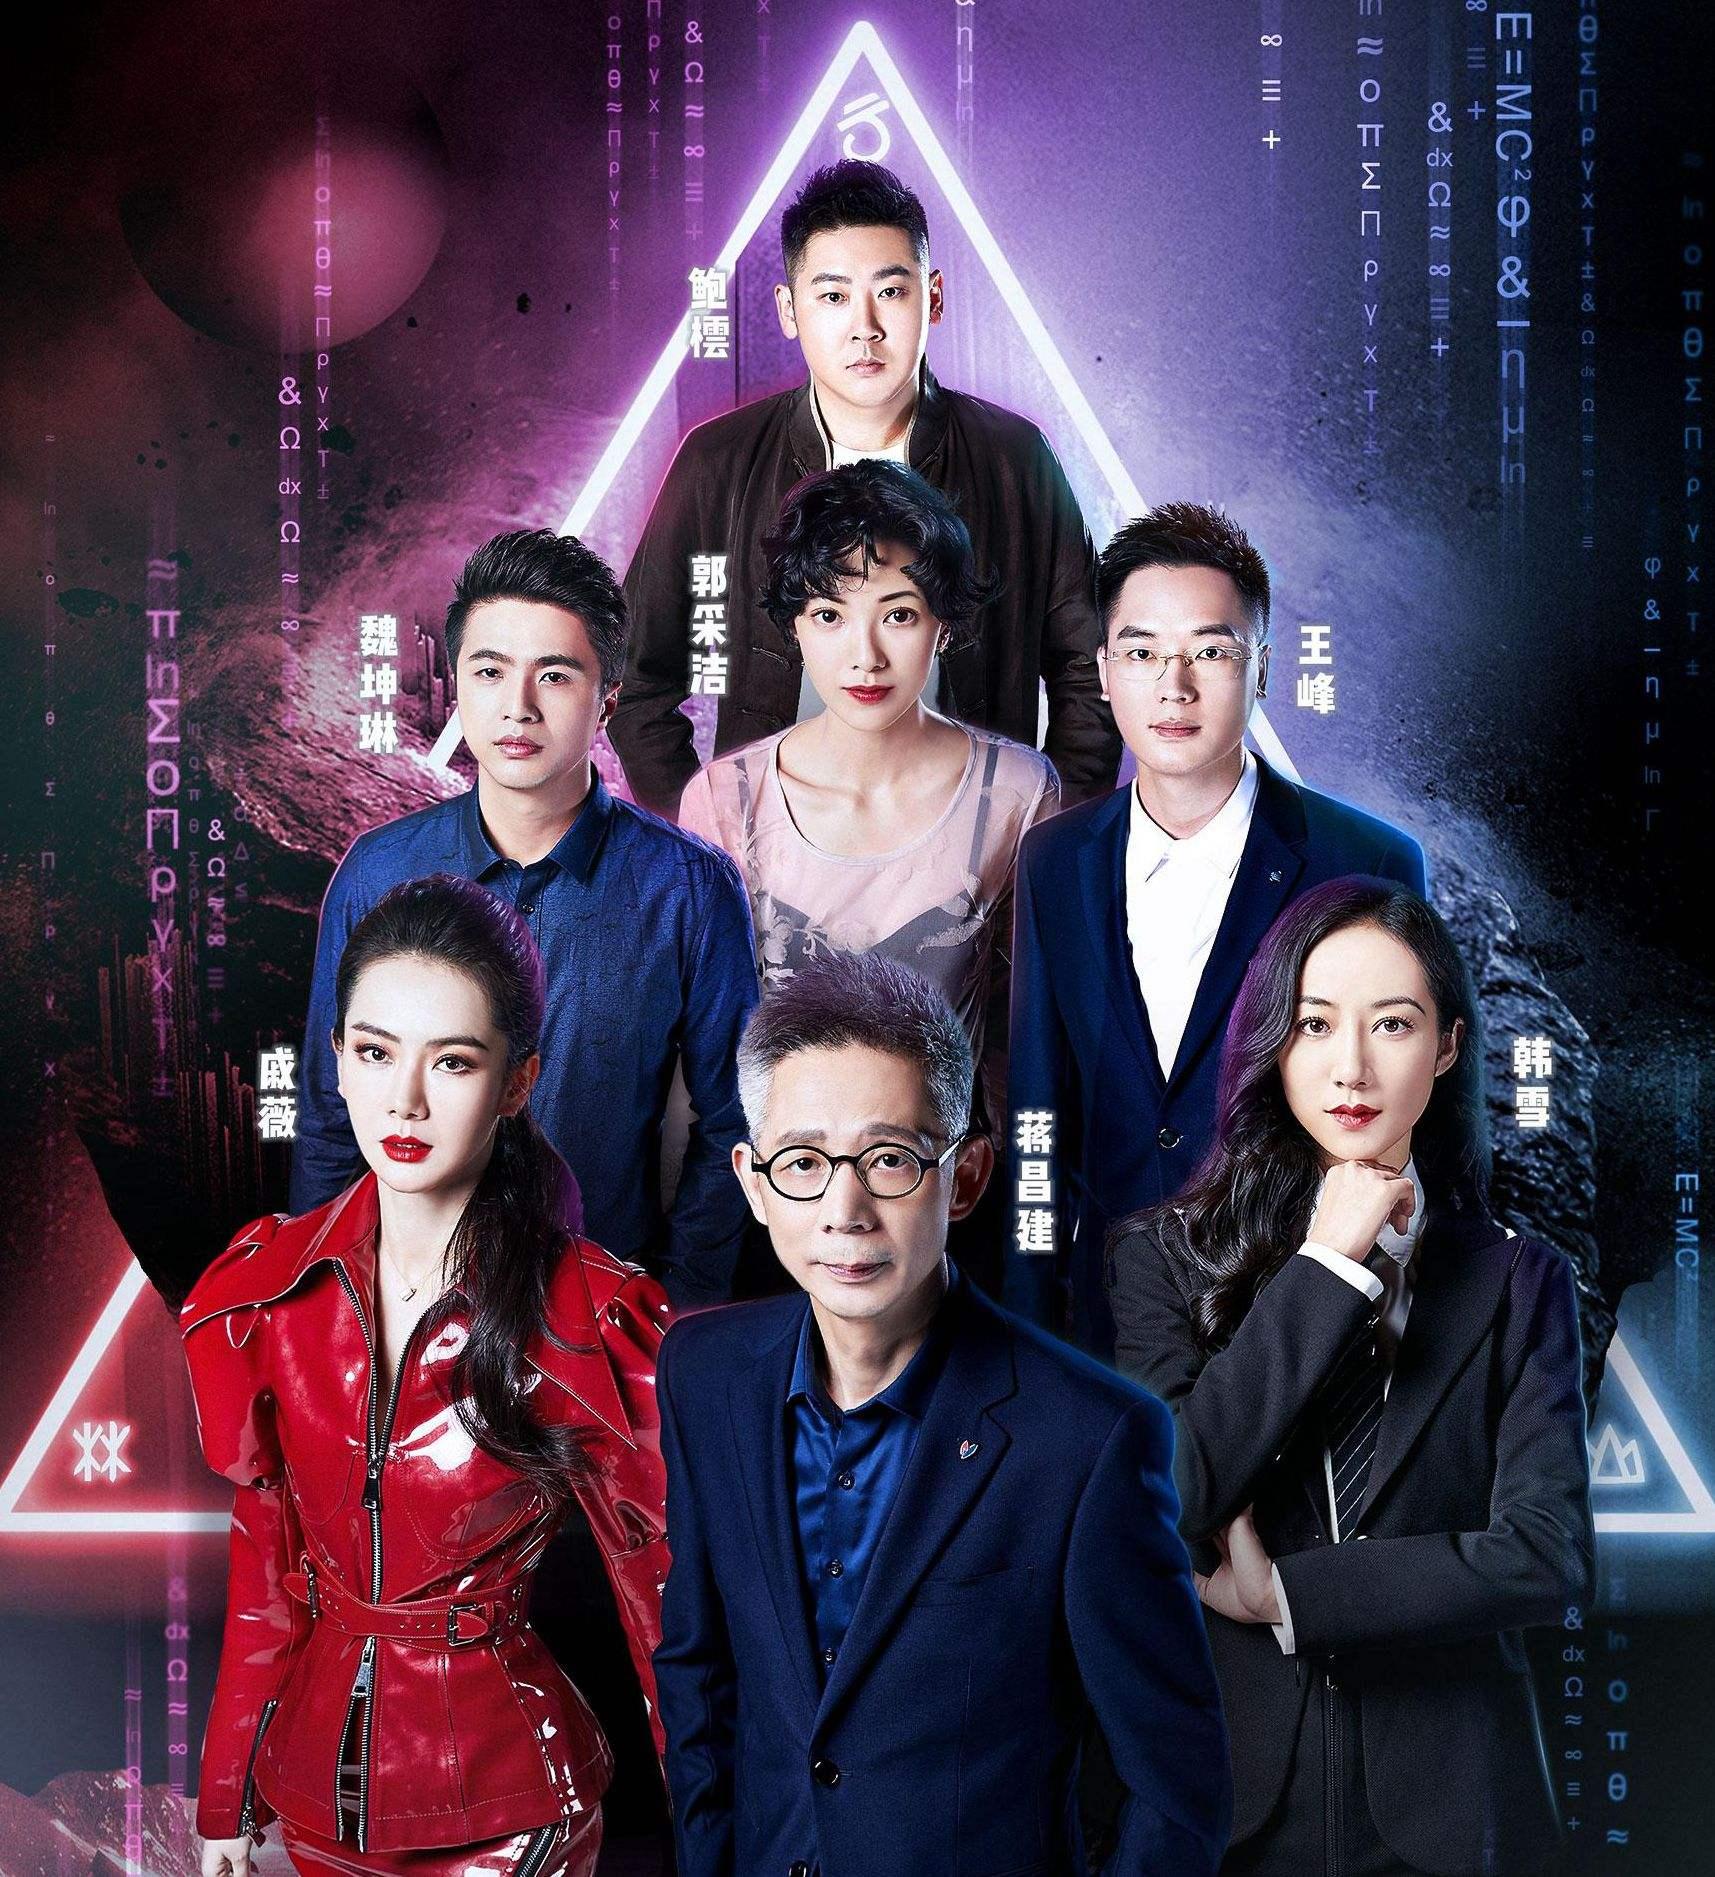 《最强大脑》冷门迭爆魏坤琳仍是大赢家,吴圣洁淘汰真存在黑幕?